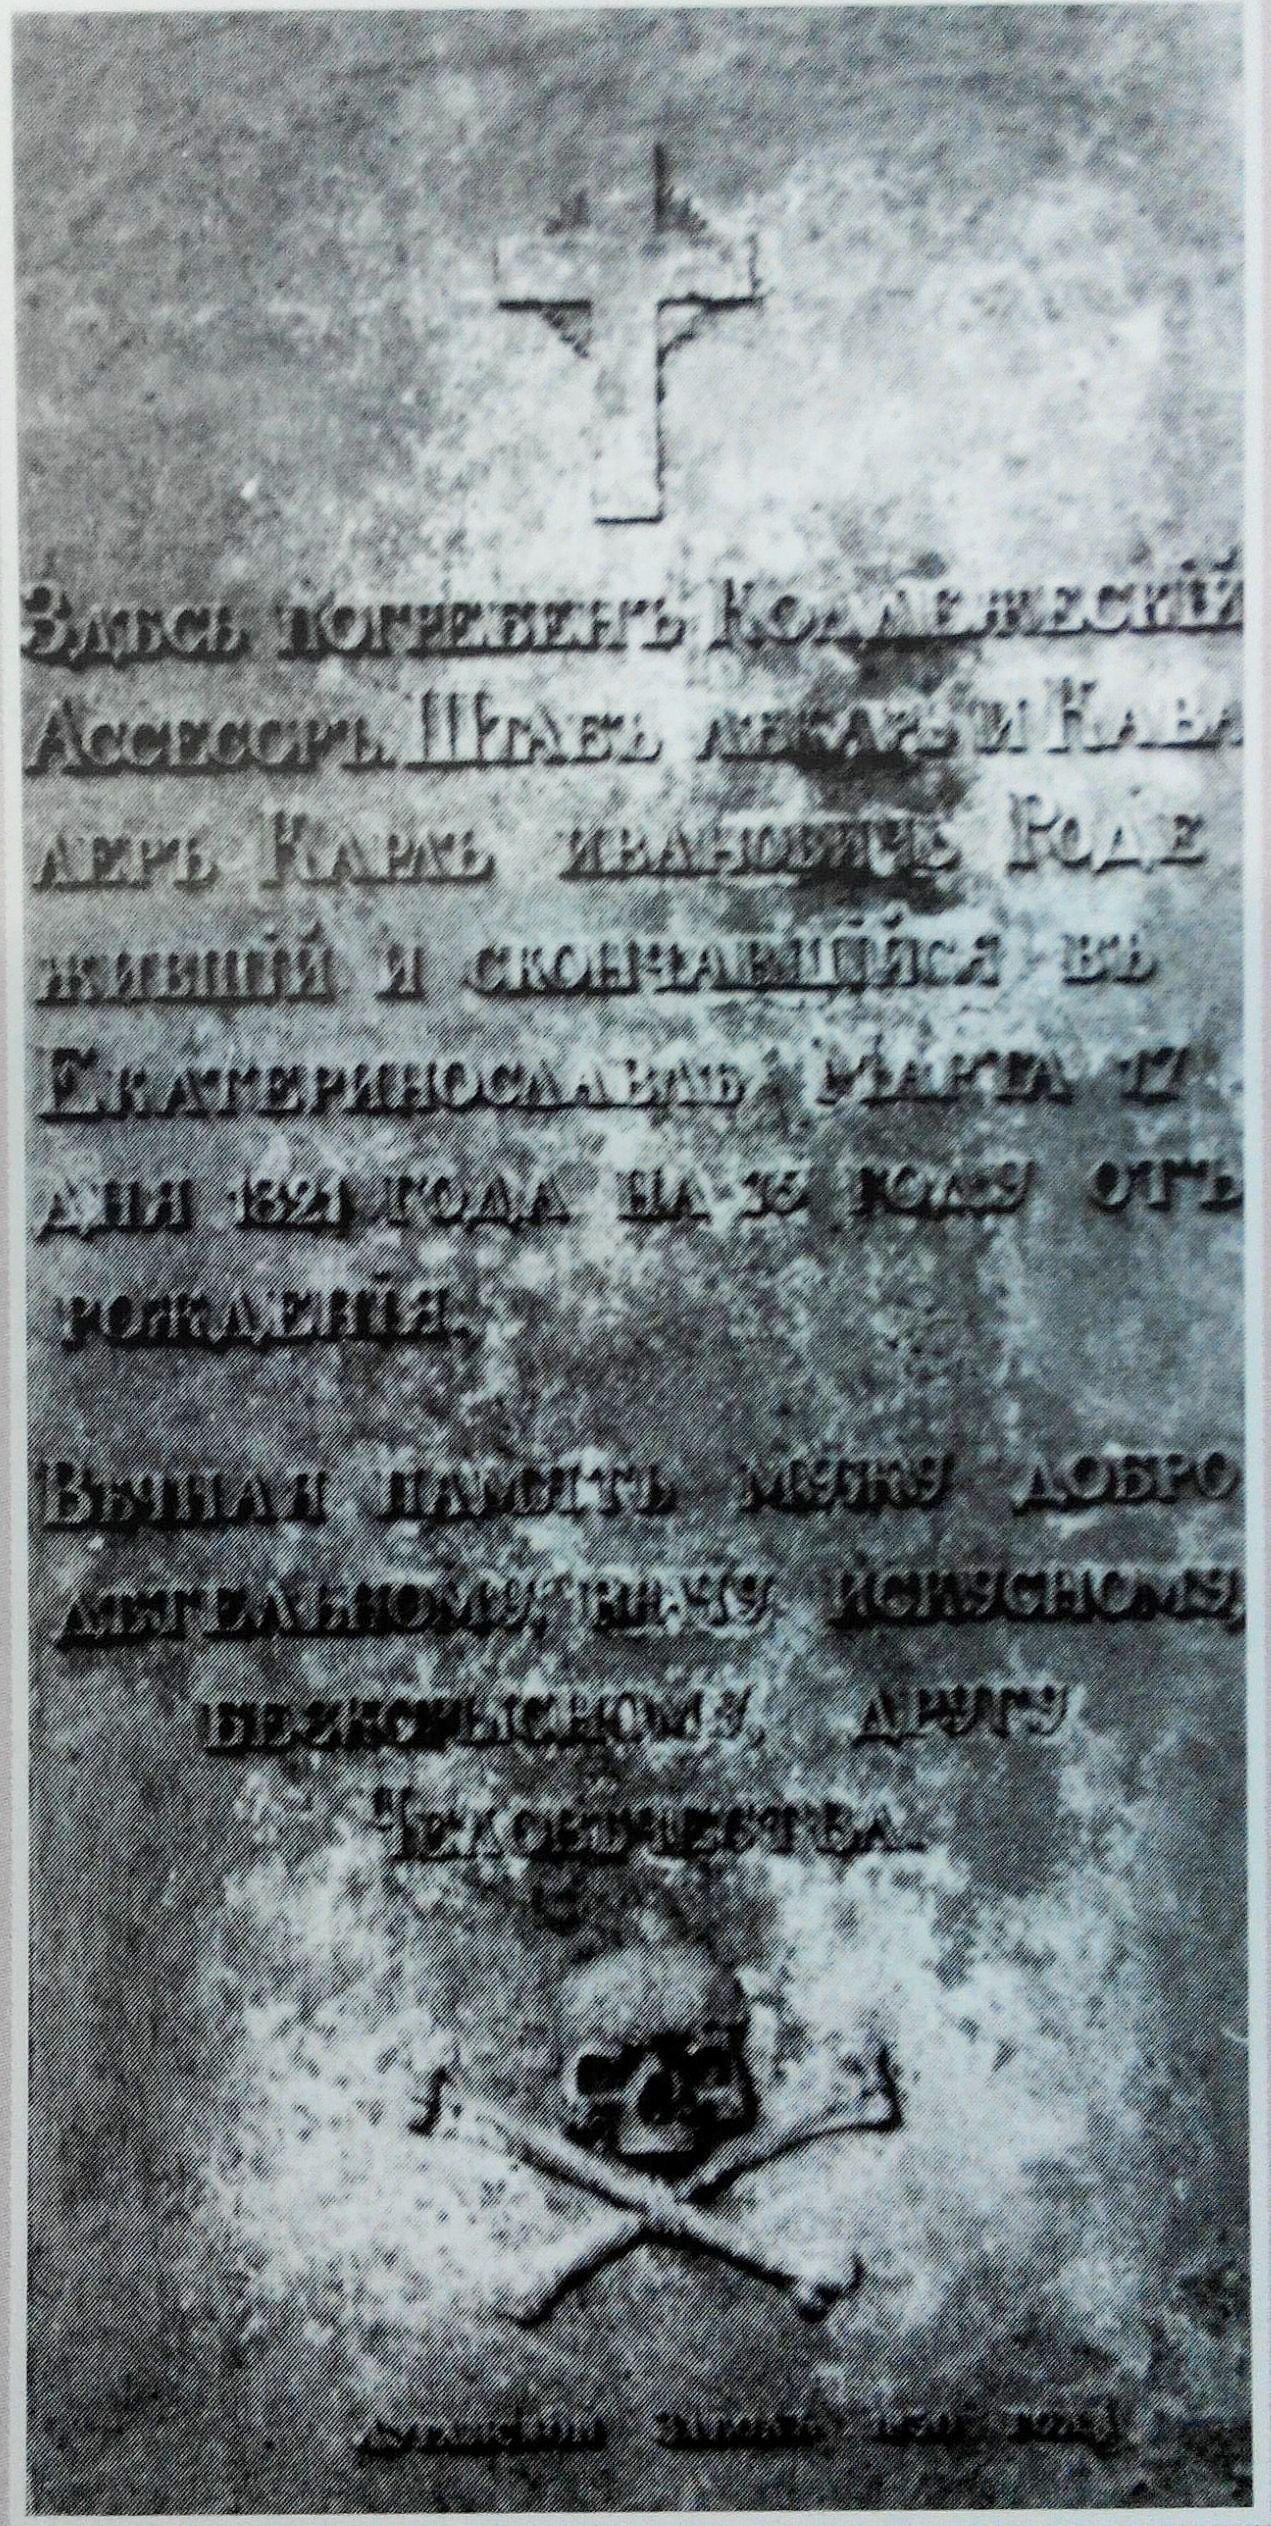 Надгробная плита Карла Роде Карл Роде – легендарный врач Екатеринослава, давший название балке